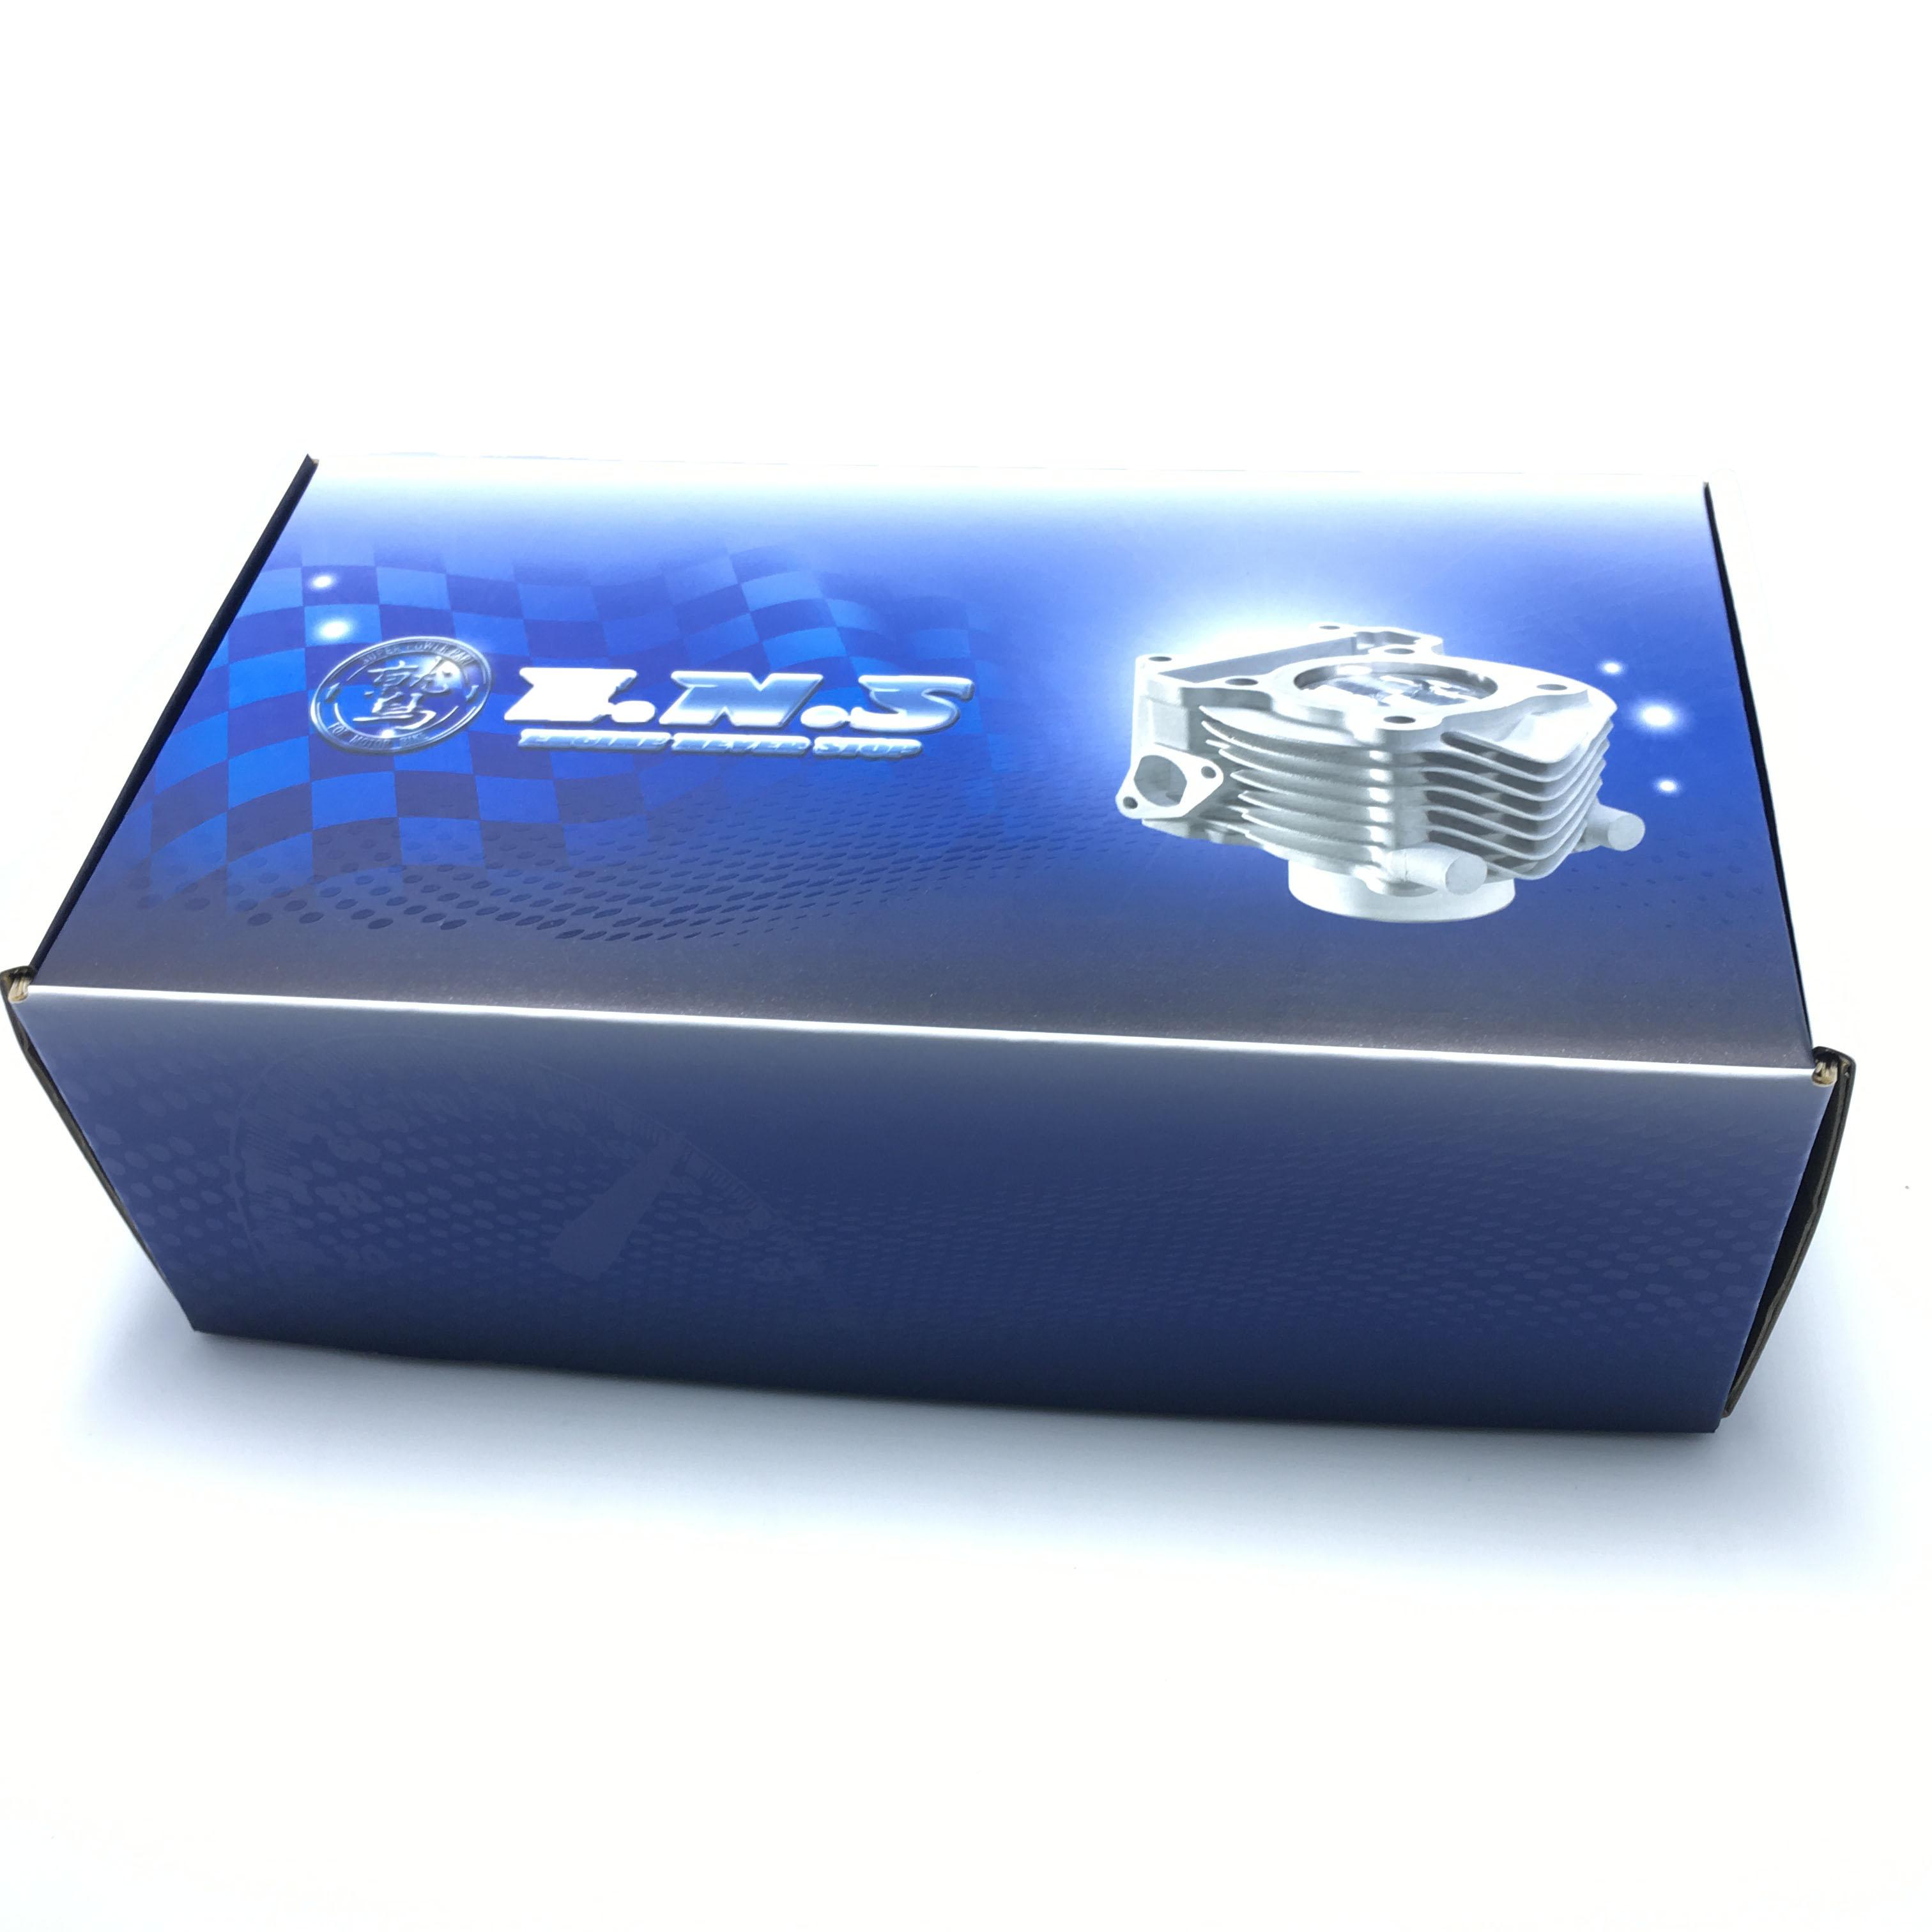 【改裝王國】ENS鷲 YAMAHA勁戰 58.5 (鋁合金)汽缸 鑄造活塞 A13凸輪 120噴油嘴 日本RIK活塞環